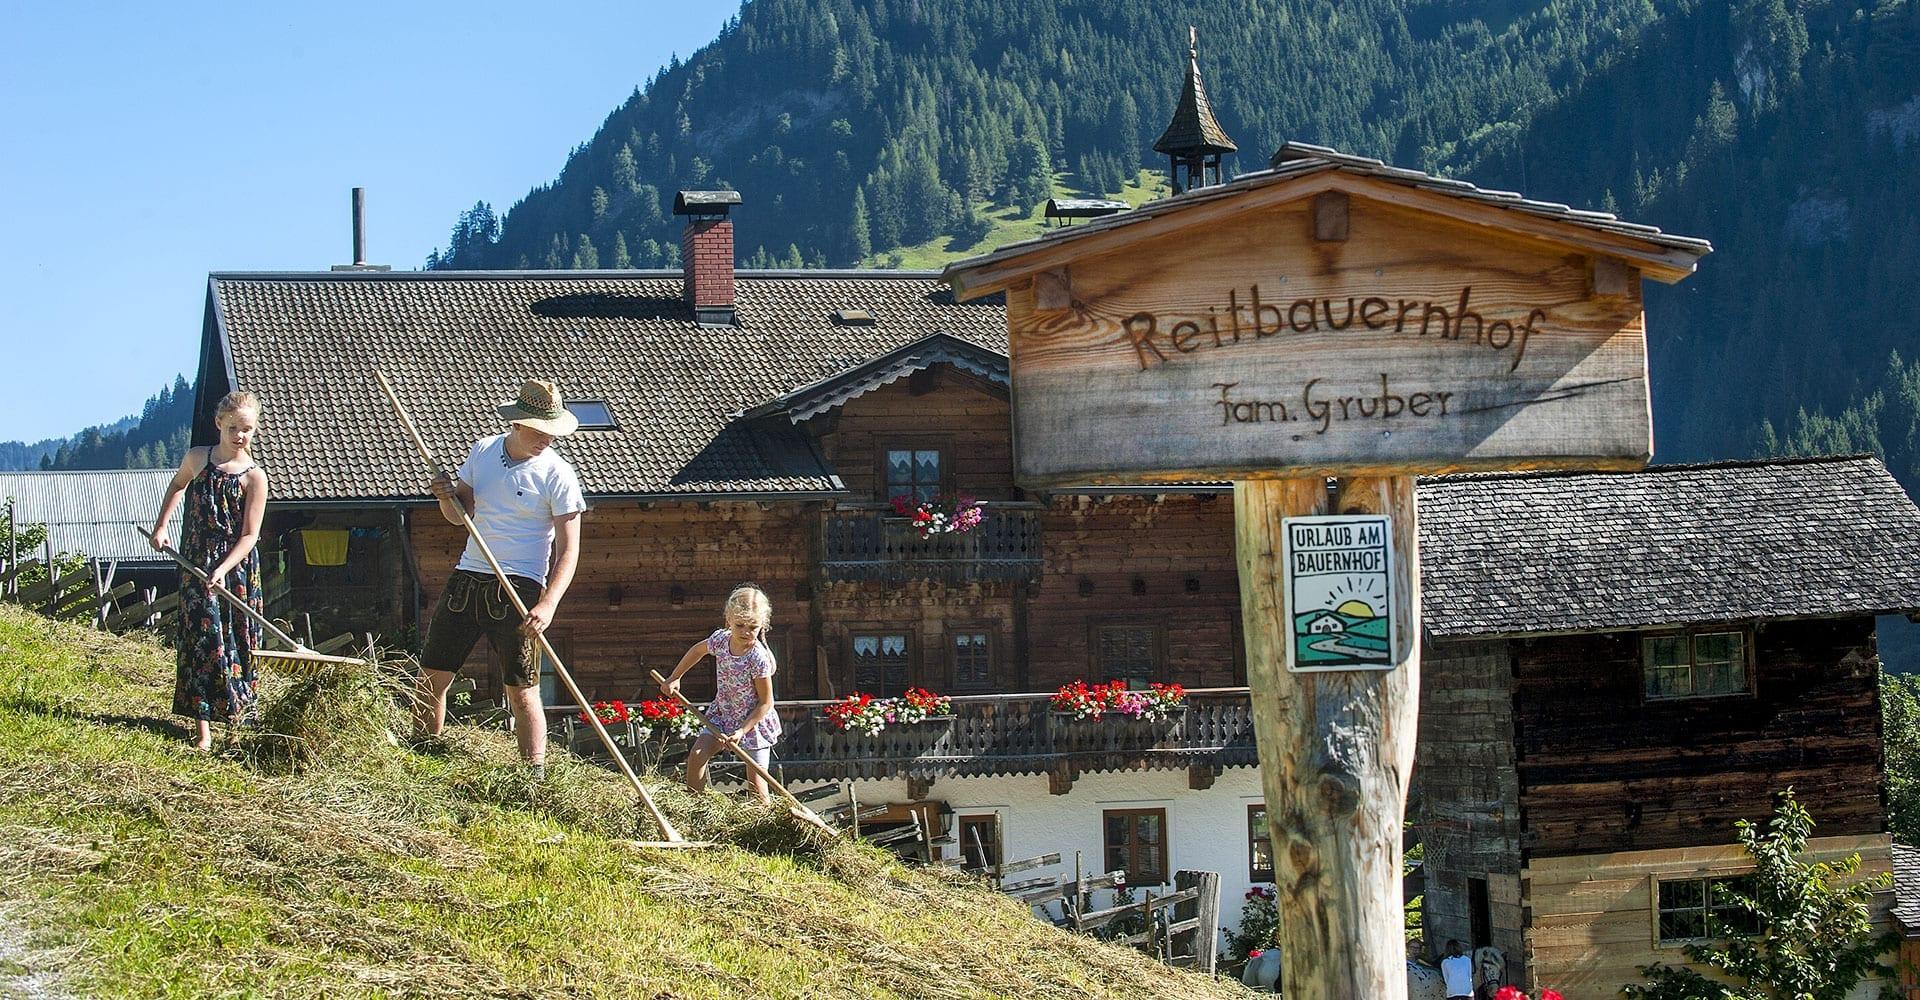 Urlaub am Bauernhof - Reitbauernhof in Großarl - Kontakt Familie Gruber